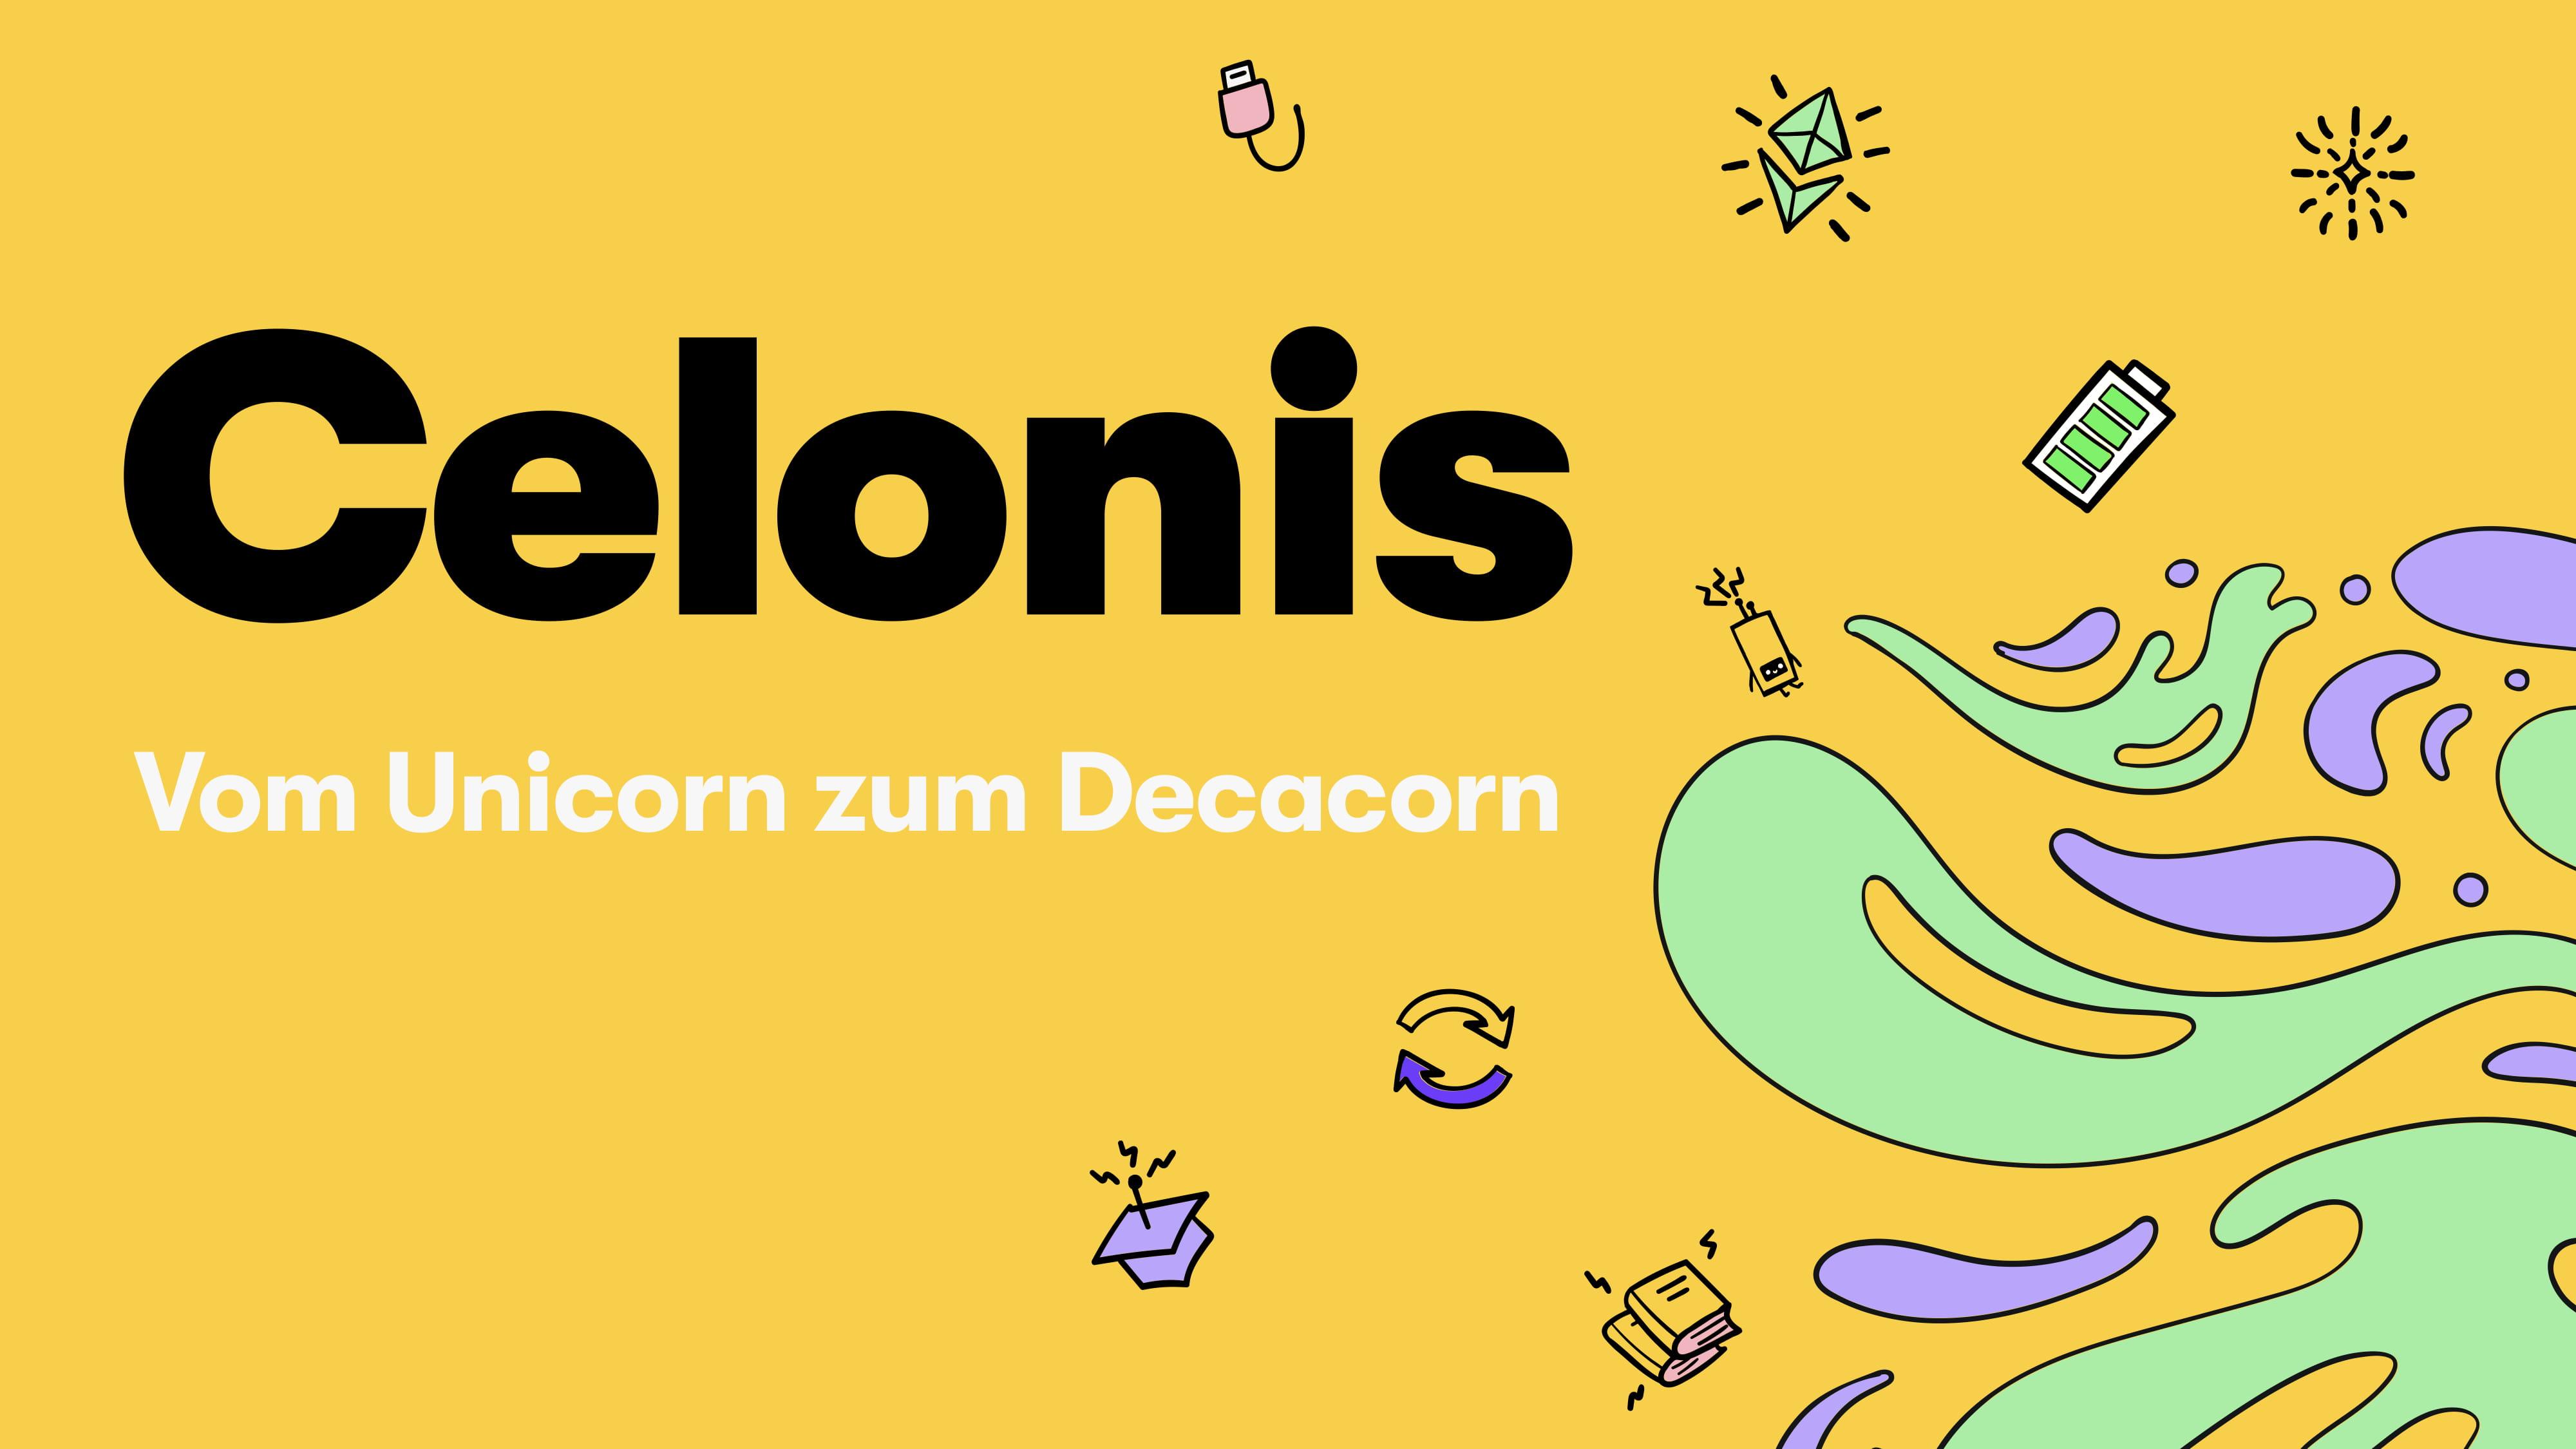 Celonis: Vom Unicorn zum Decacorn